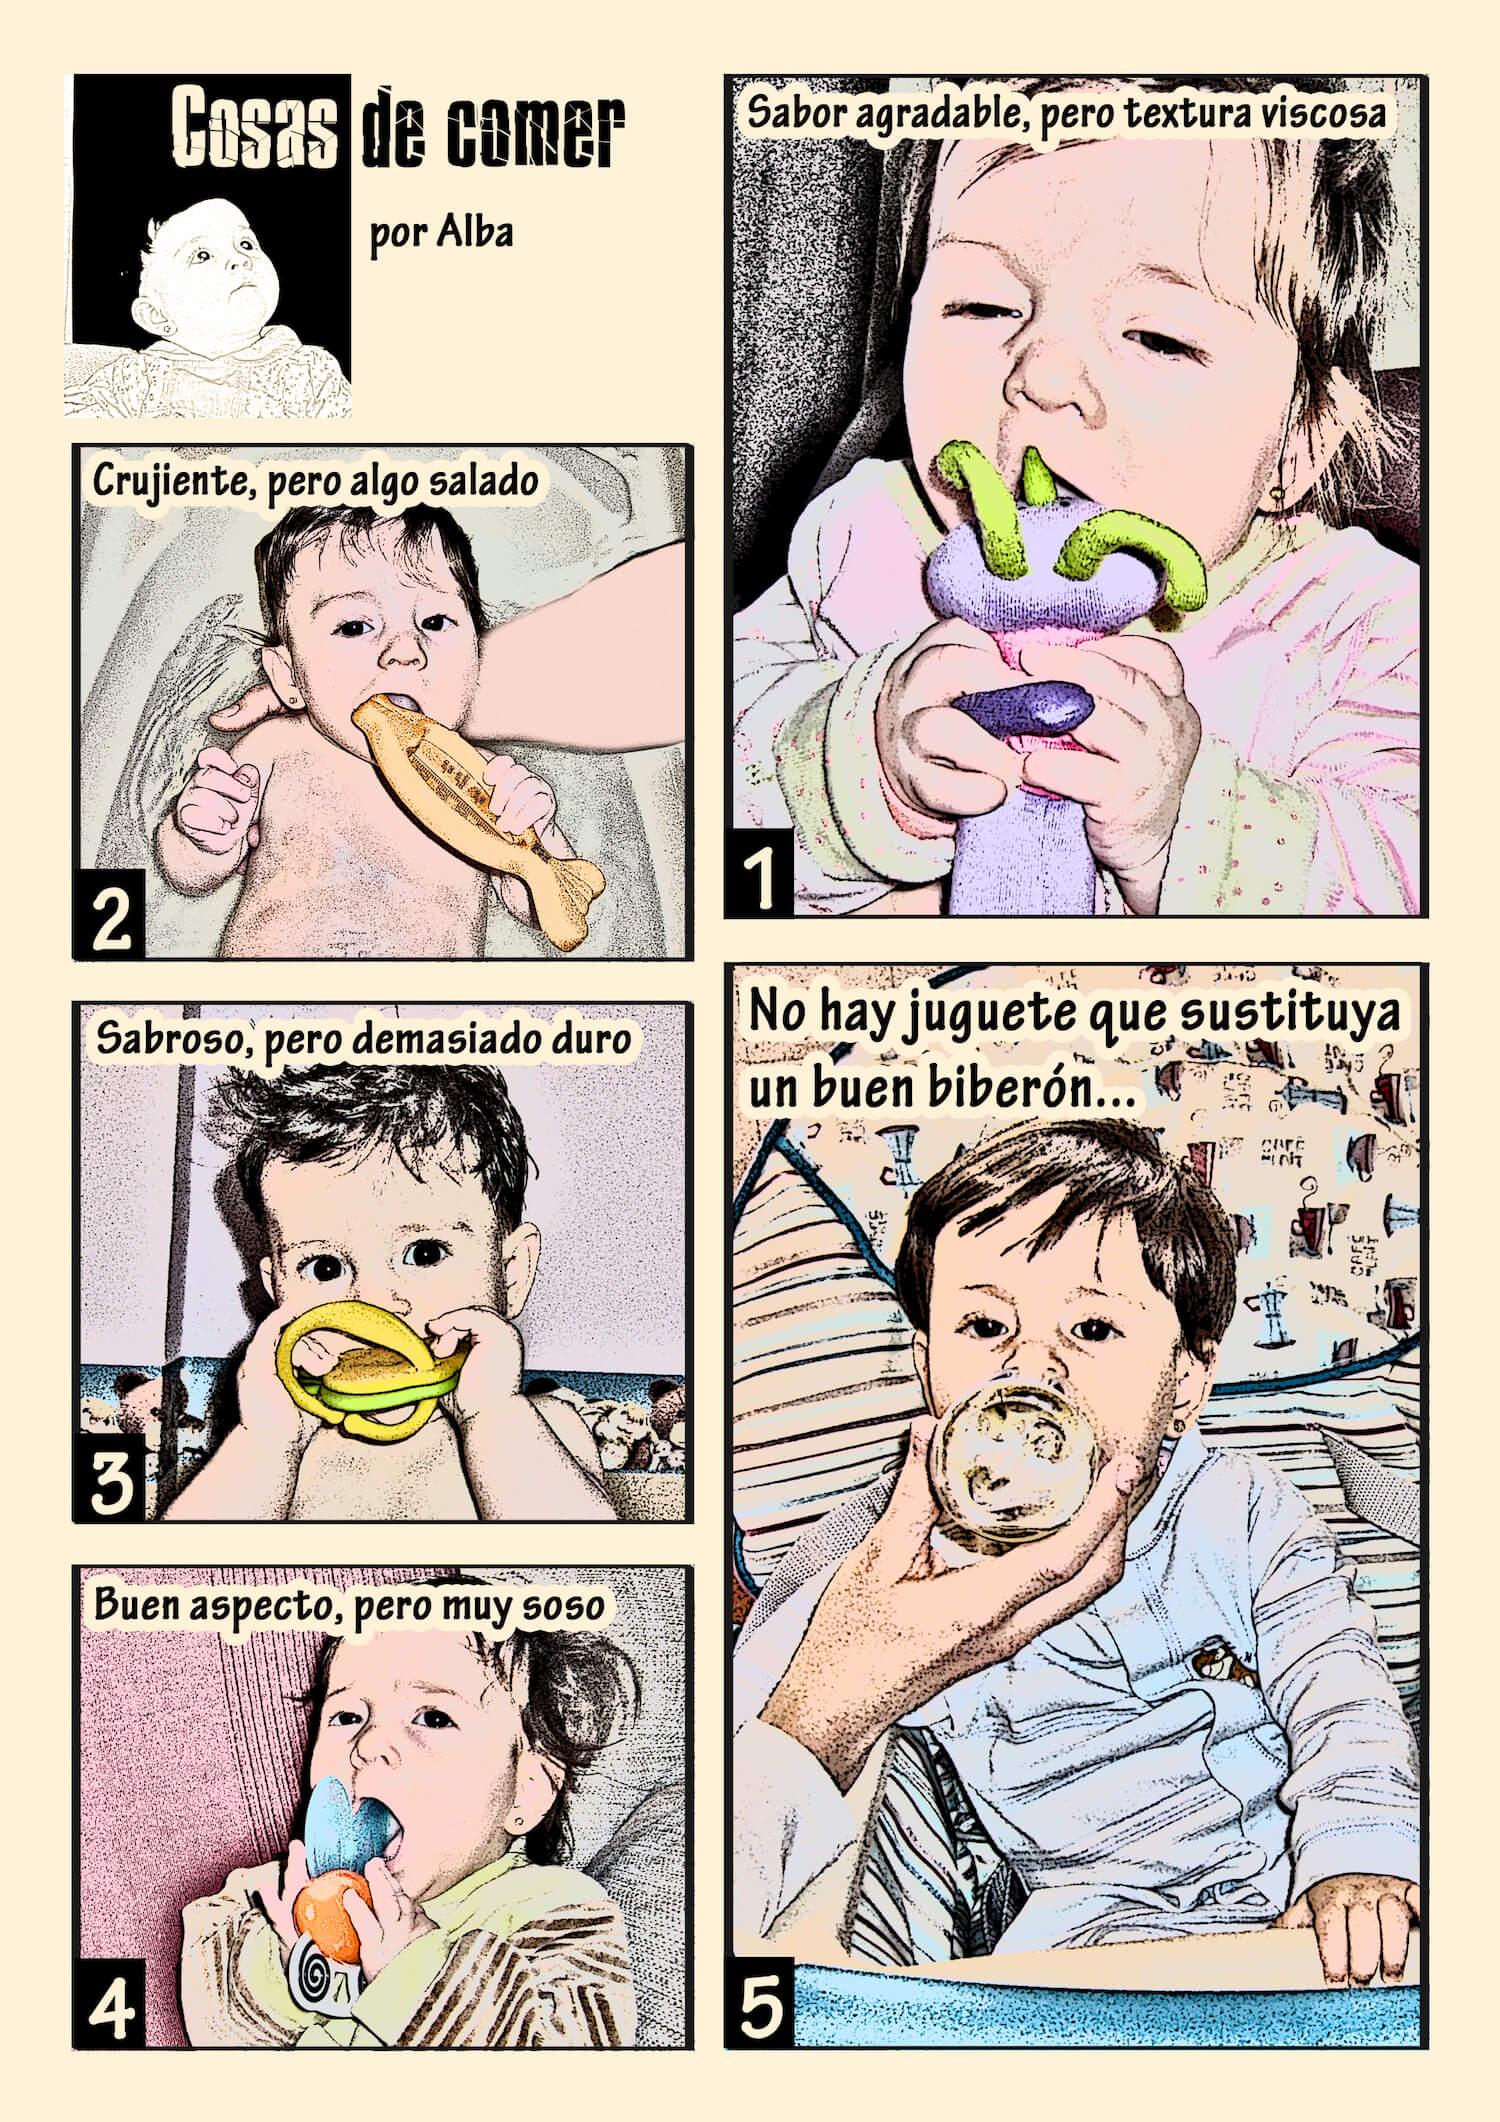 Los comics de Alba